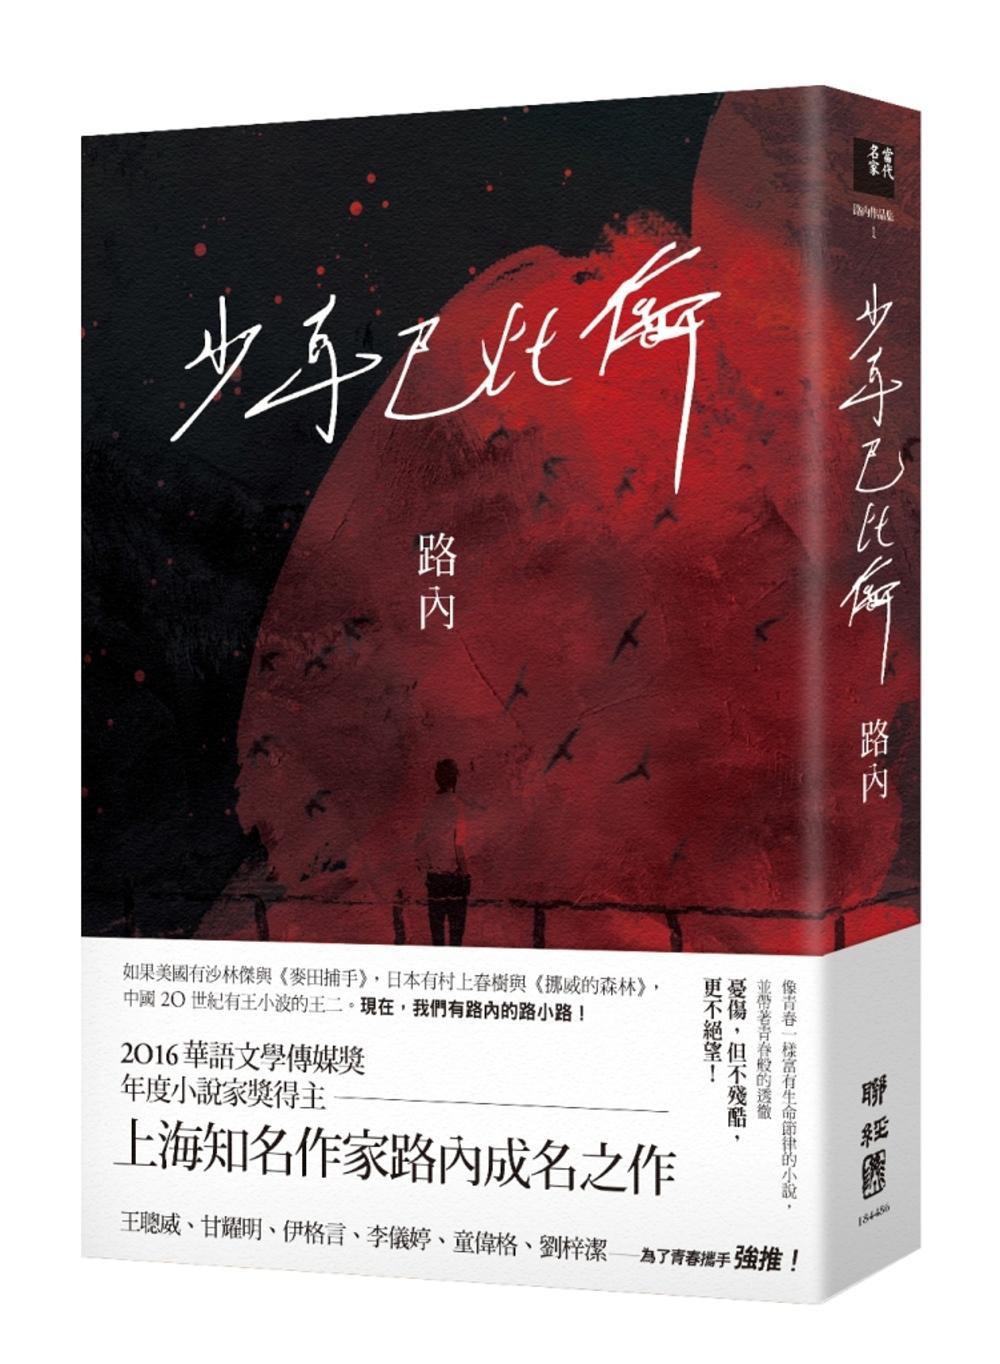 少年巴比倫(華語文學傳媒獎年度小說獎得主路內成名之作,童偉格專文導讀)